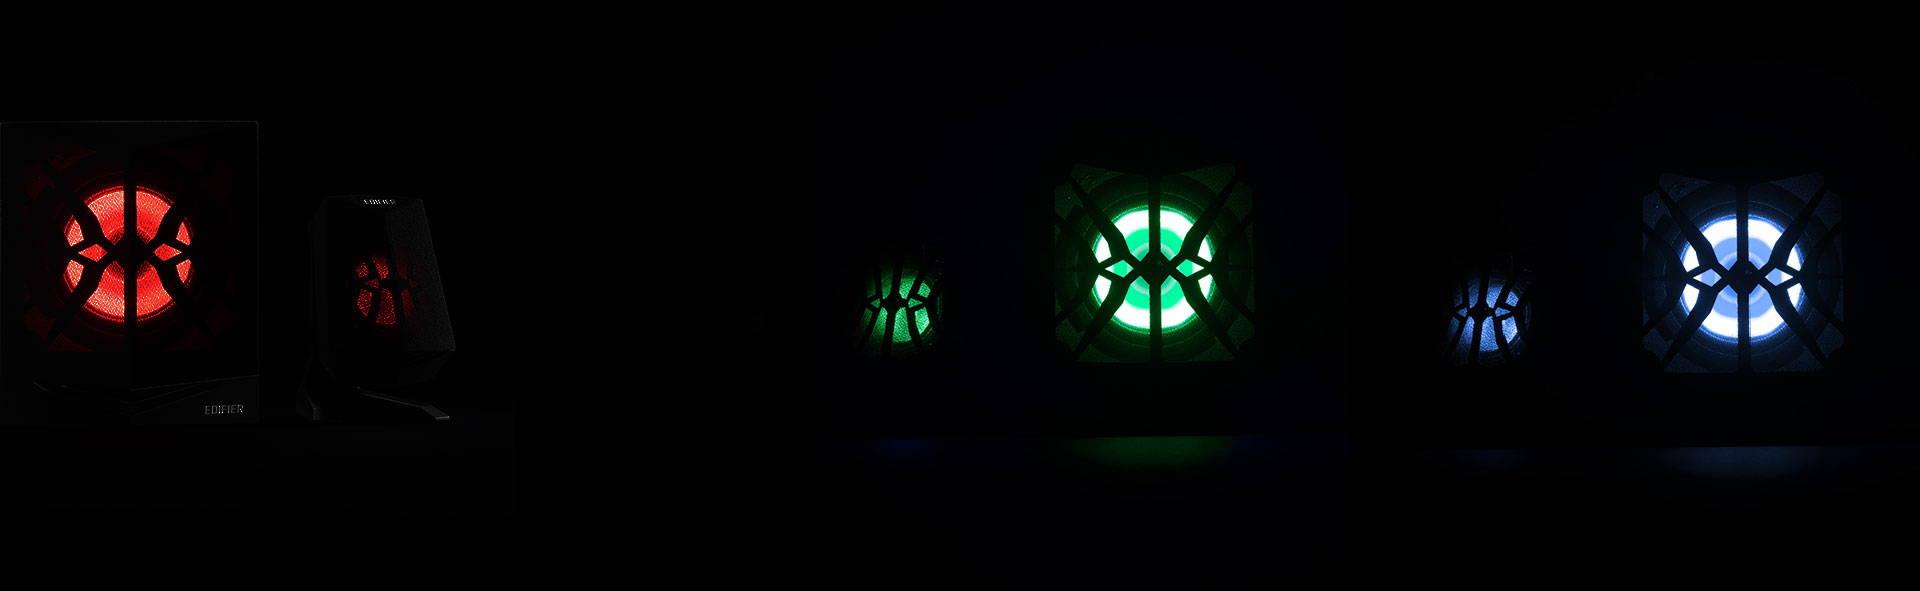 Edifier x230 multimedia gaming speakers in pakistan by www.brandtech.pk 4